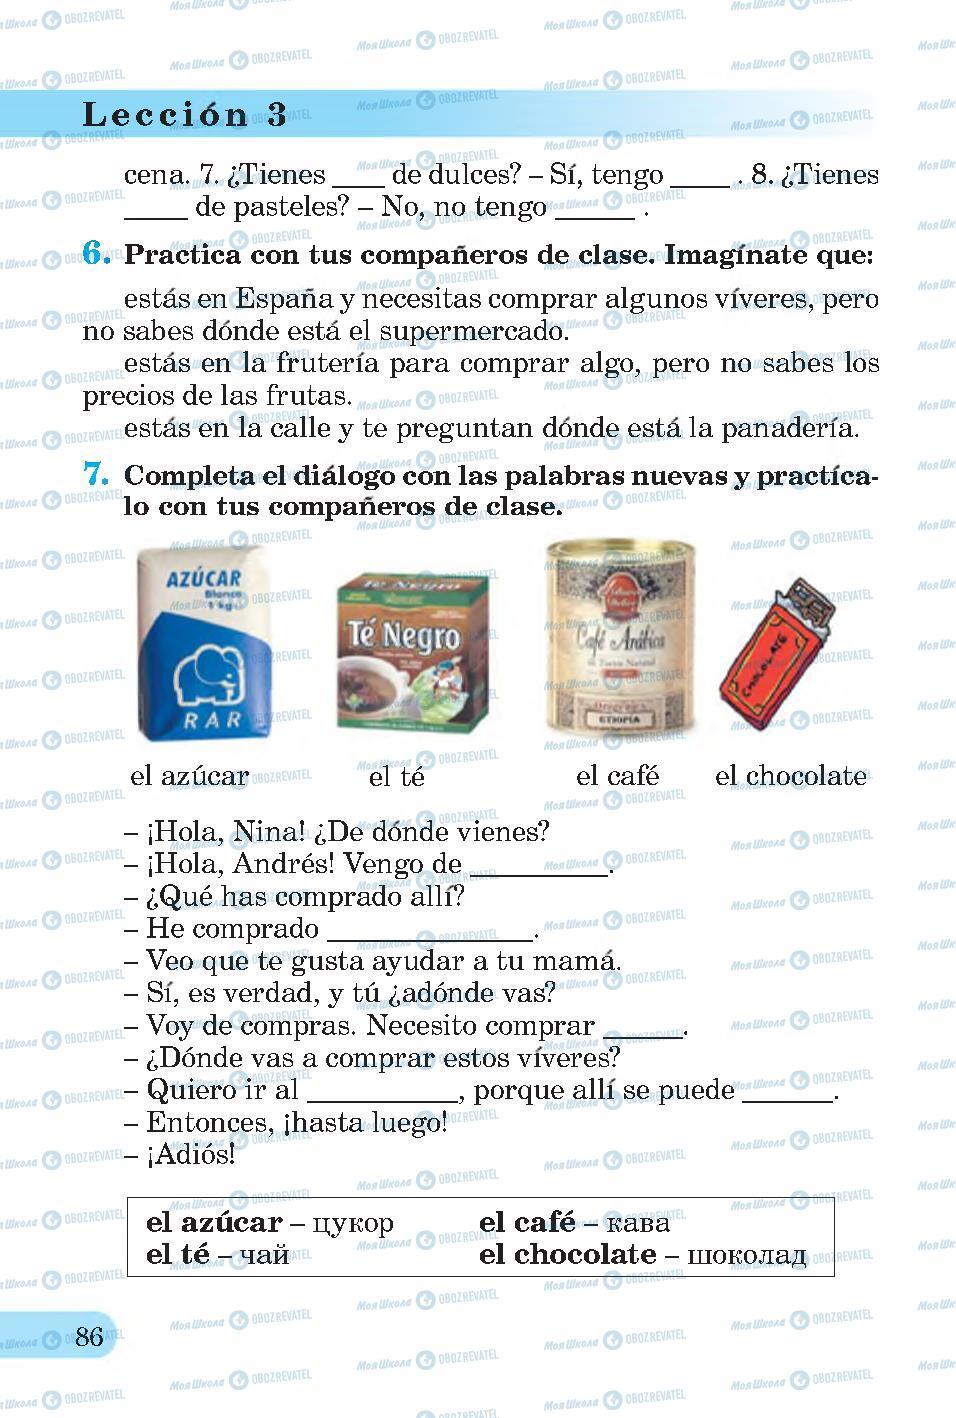 Підручники Іспанська мова 4 клас сторінка 86